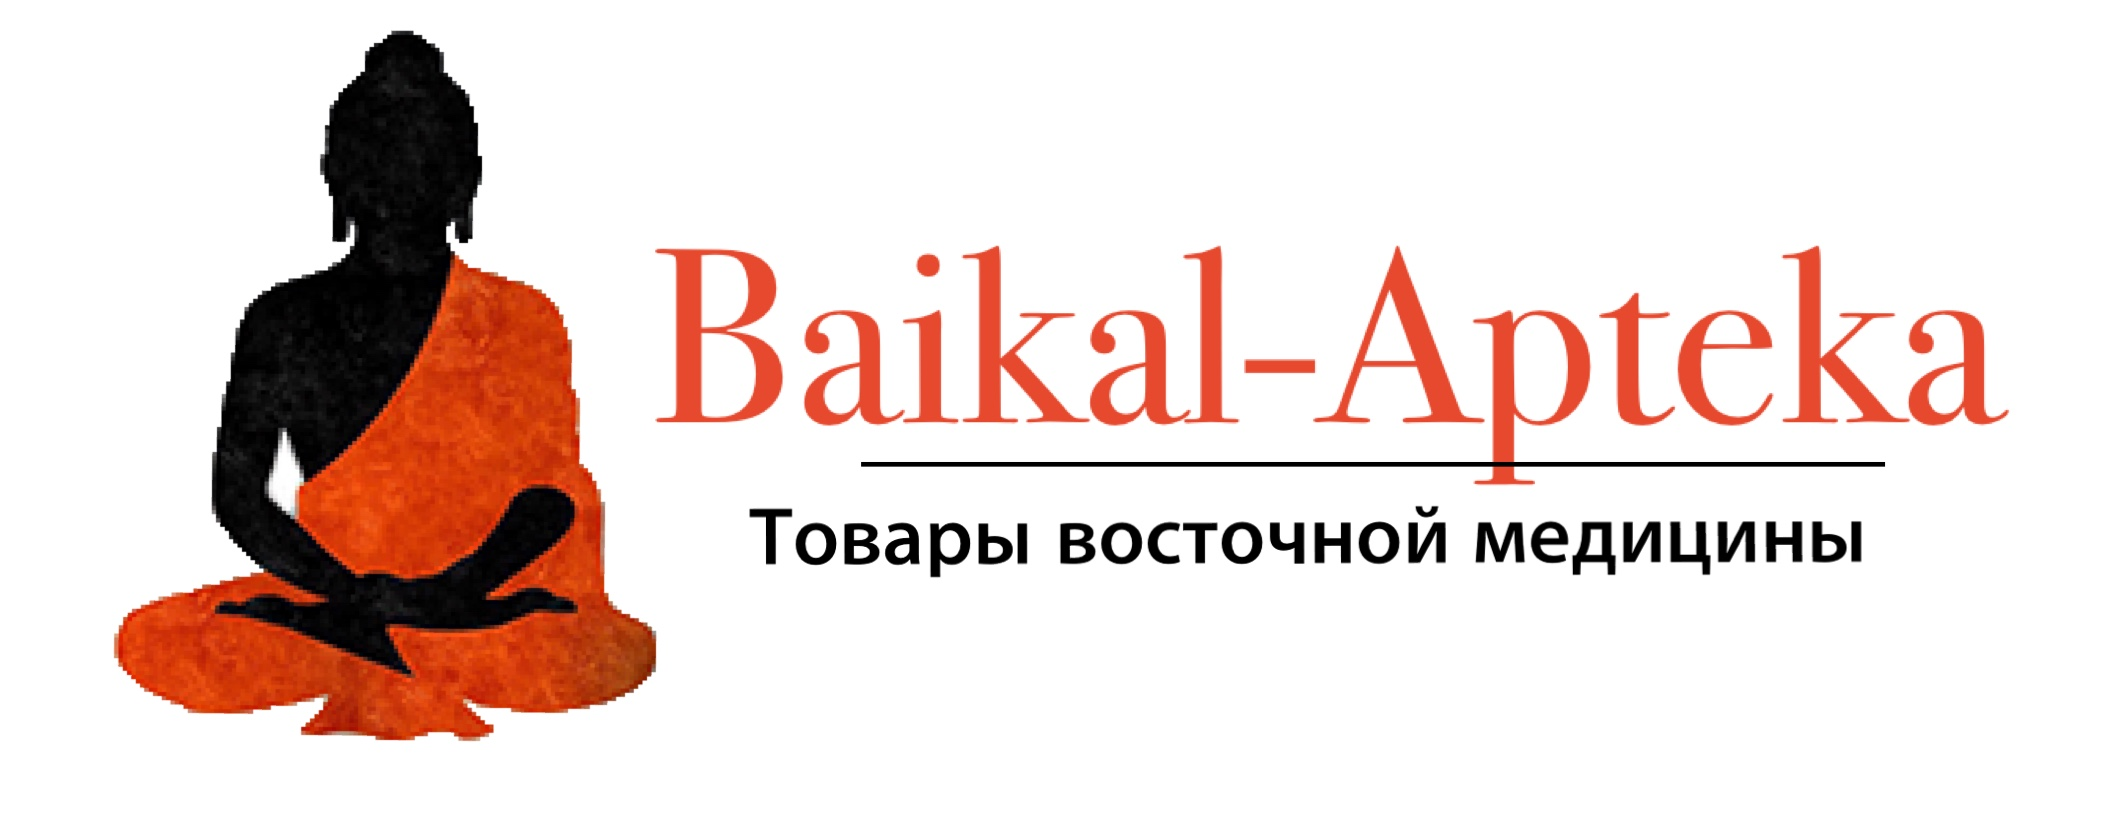 Байкал Аптека